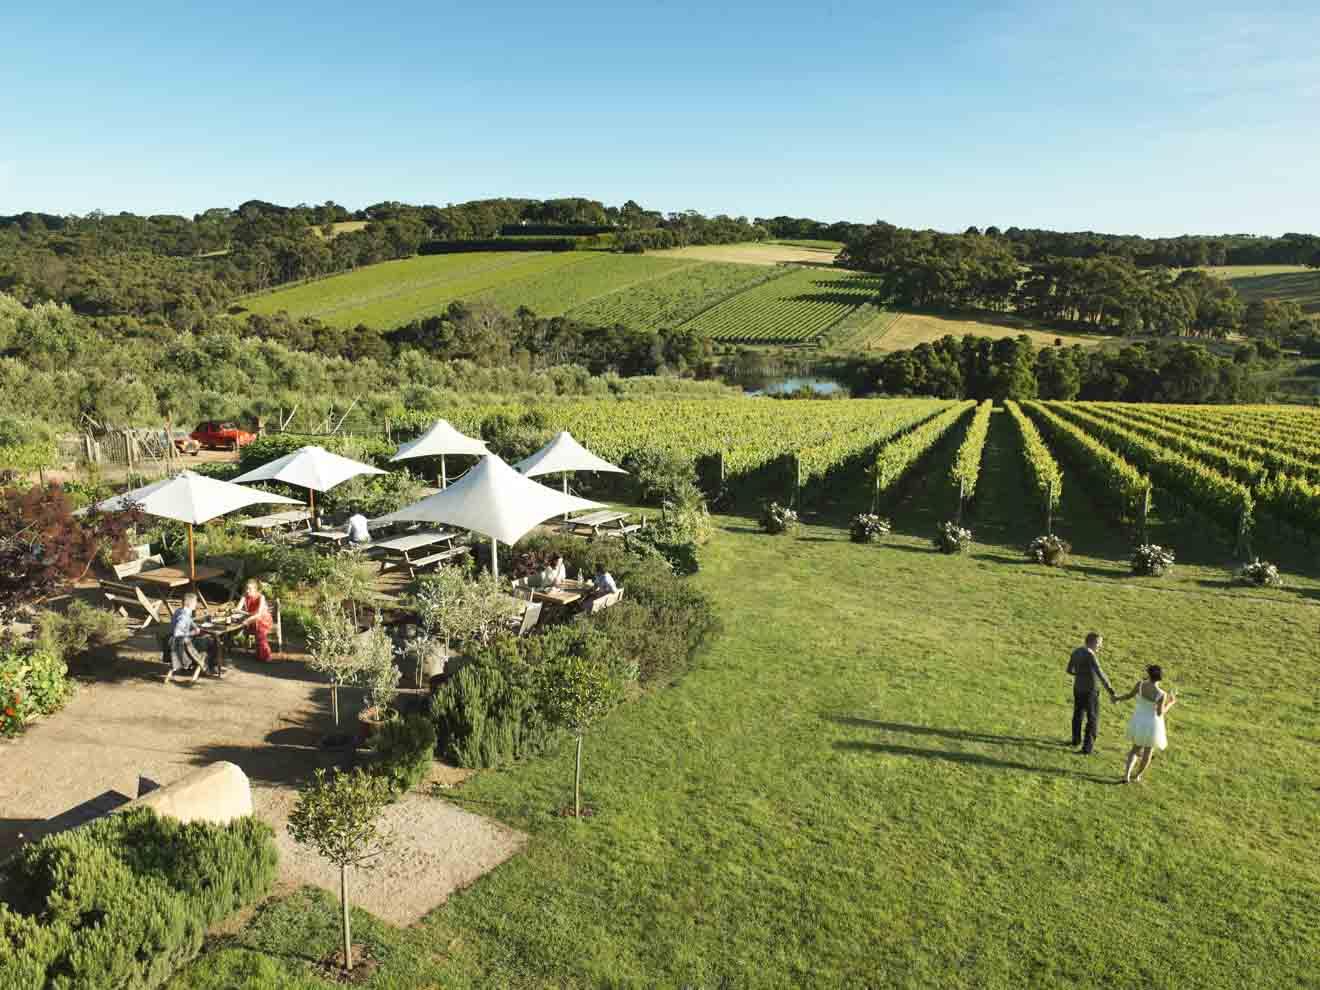 idées de rendez-vous - Montalto Vineyard and Olive Grove Que faire à Mornington Peninsula?